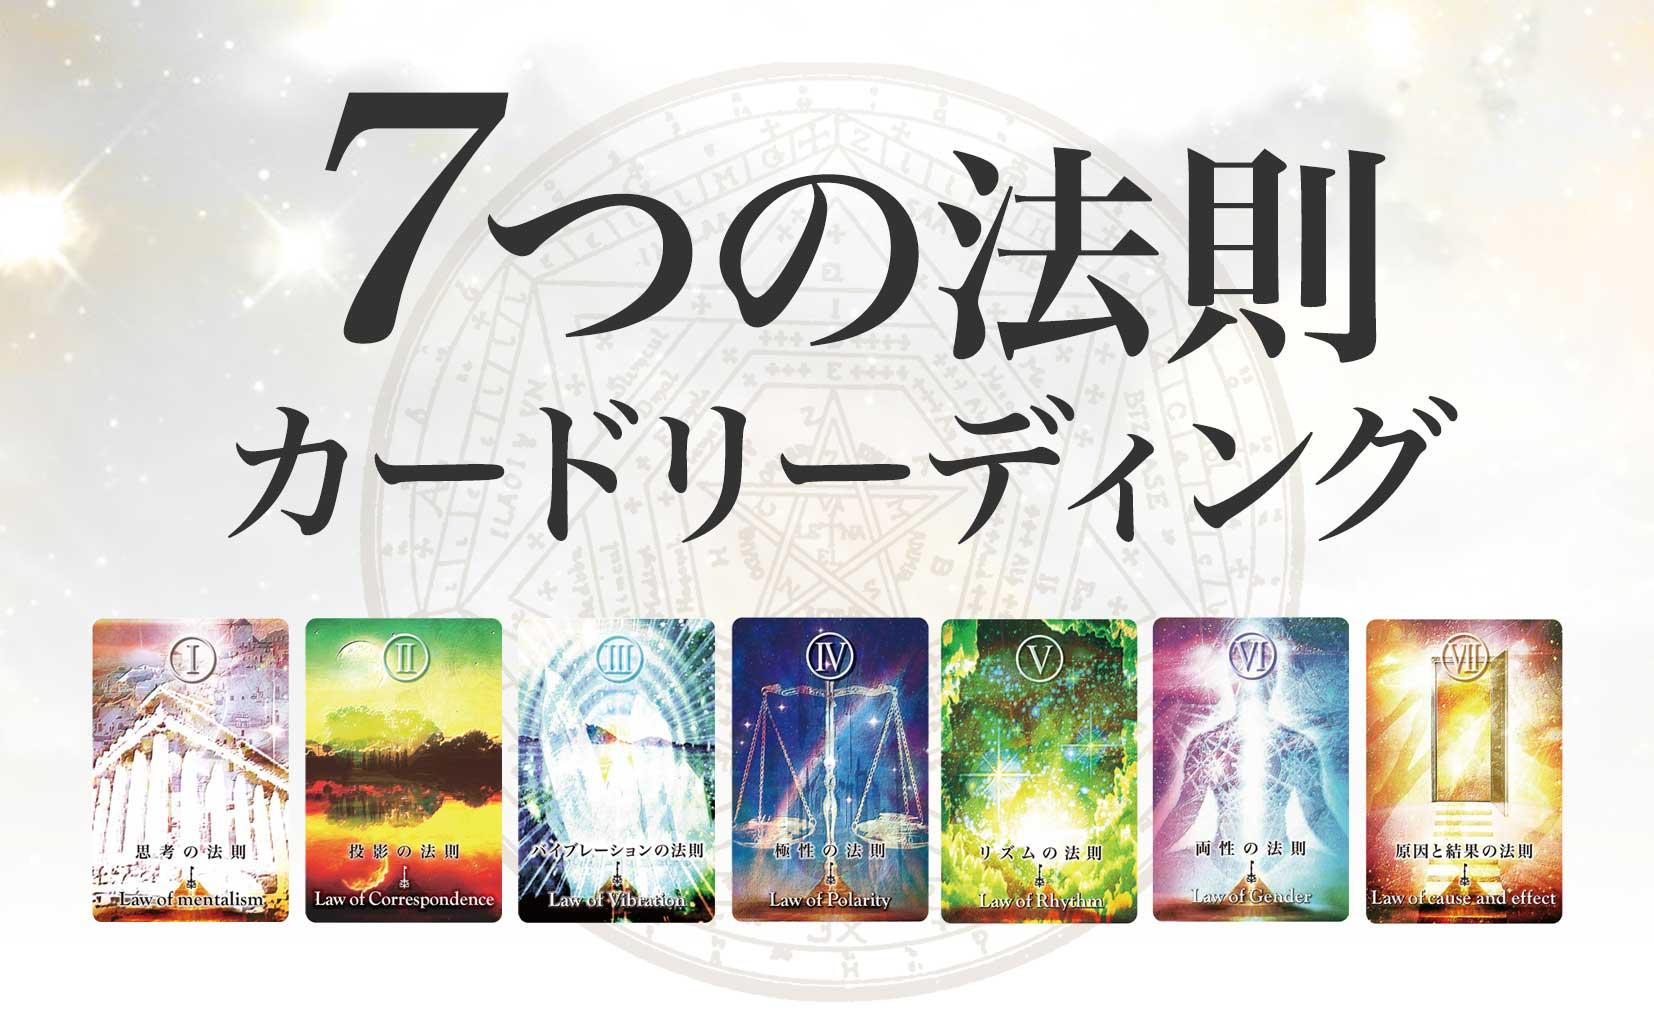 宇宙の7つの法則カードリーディング